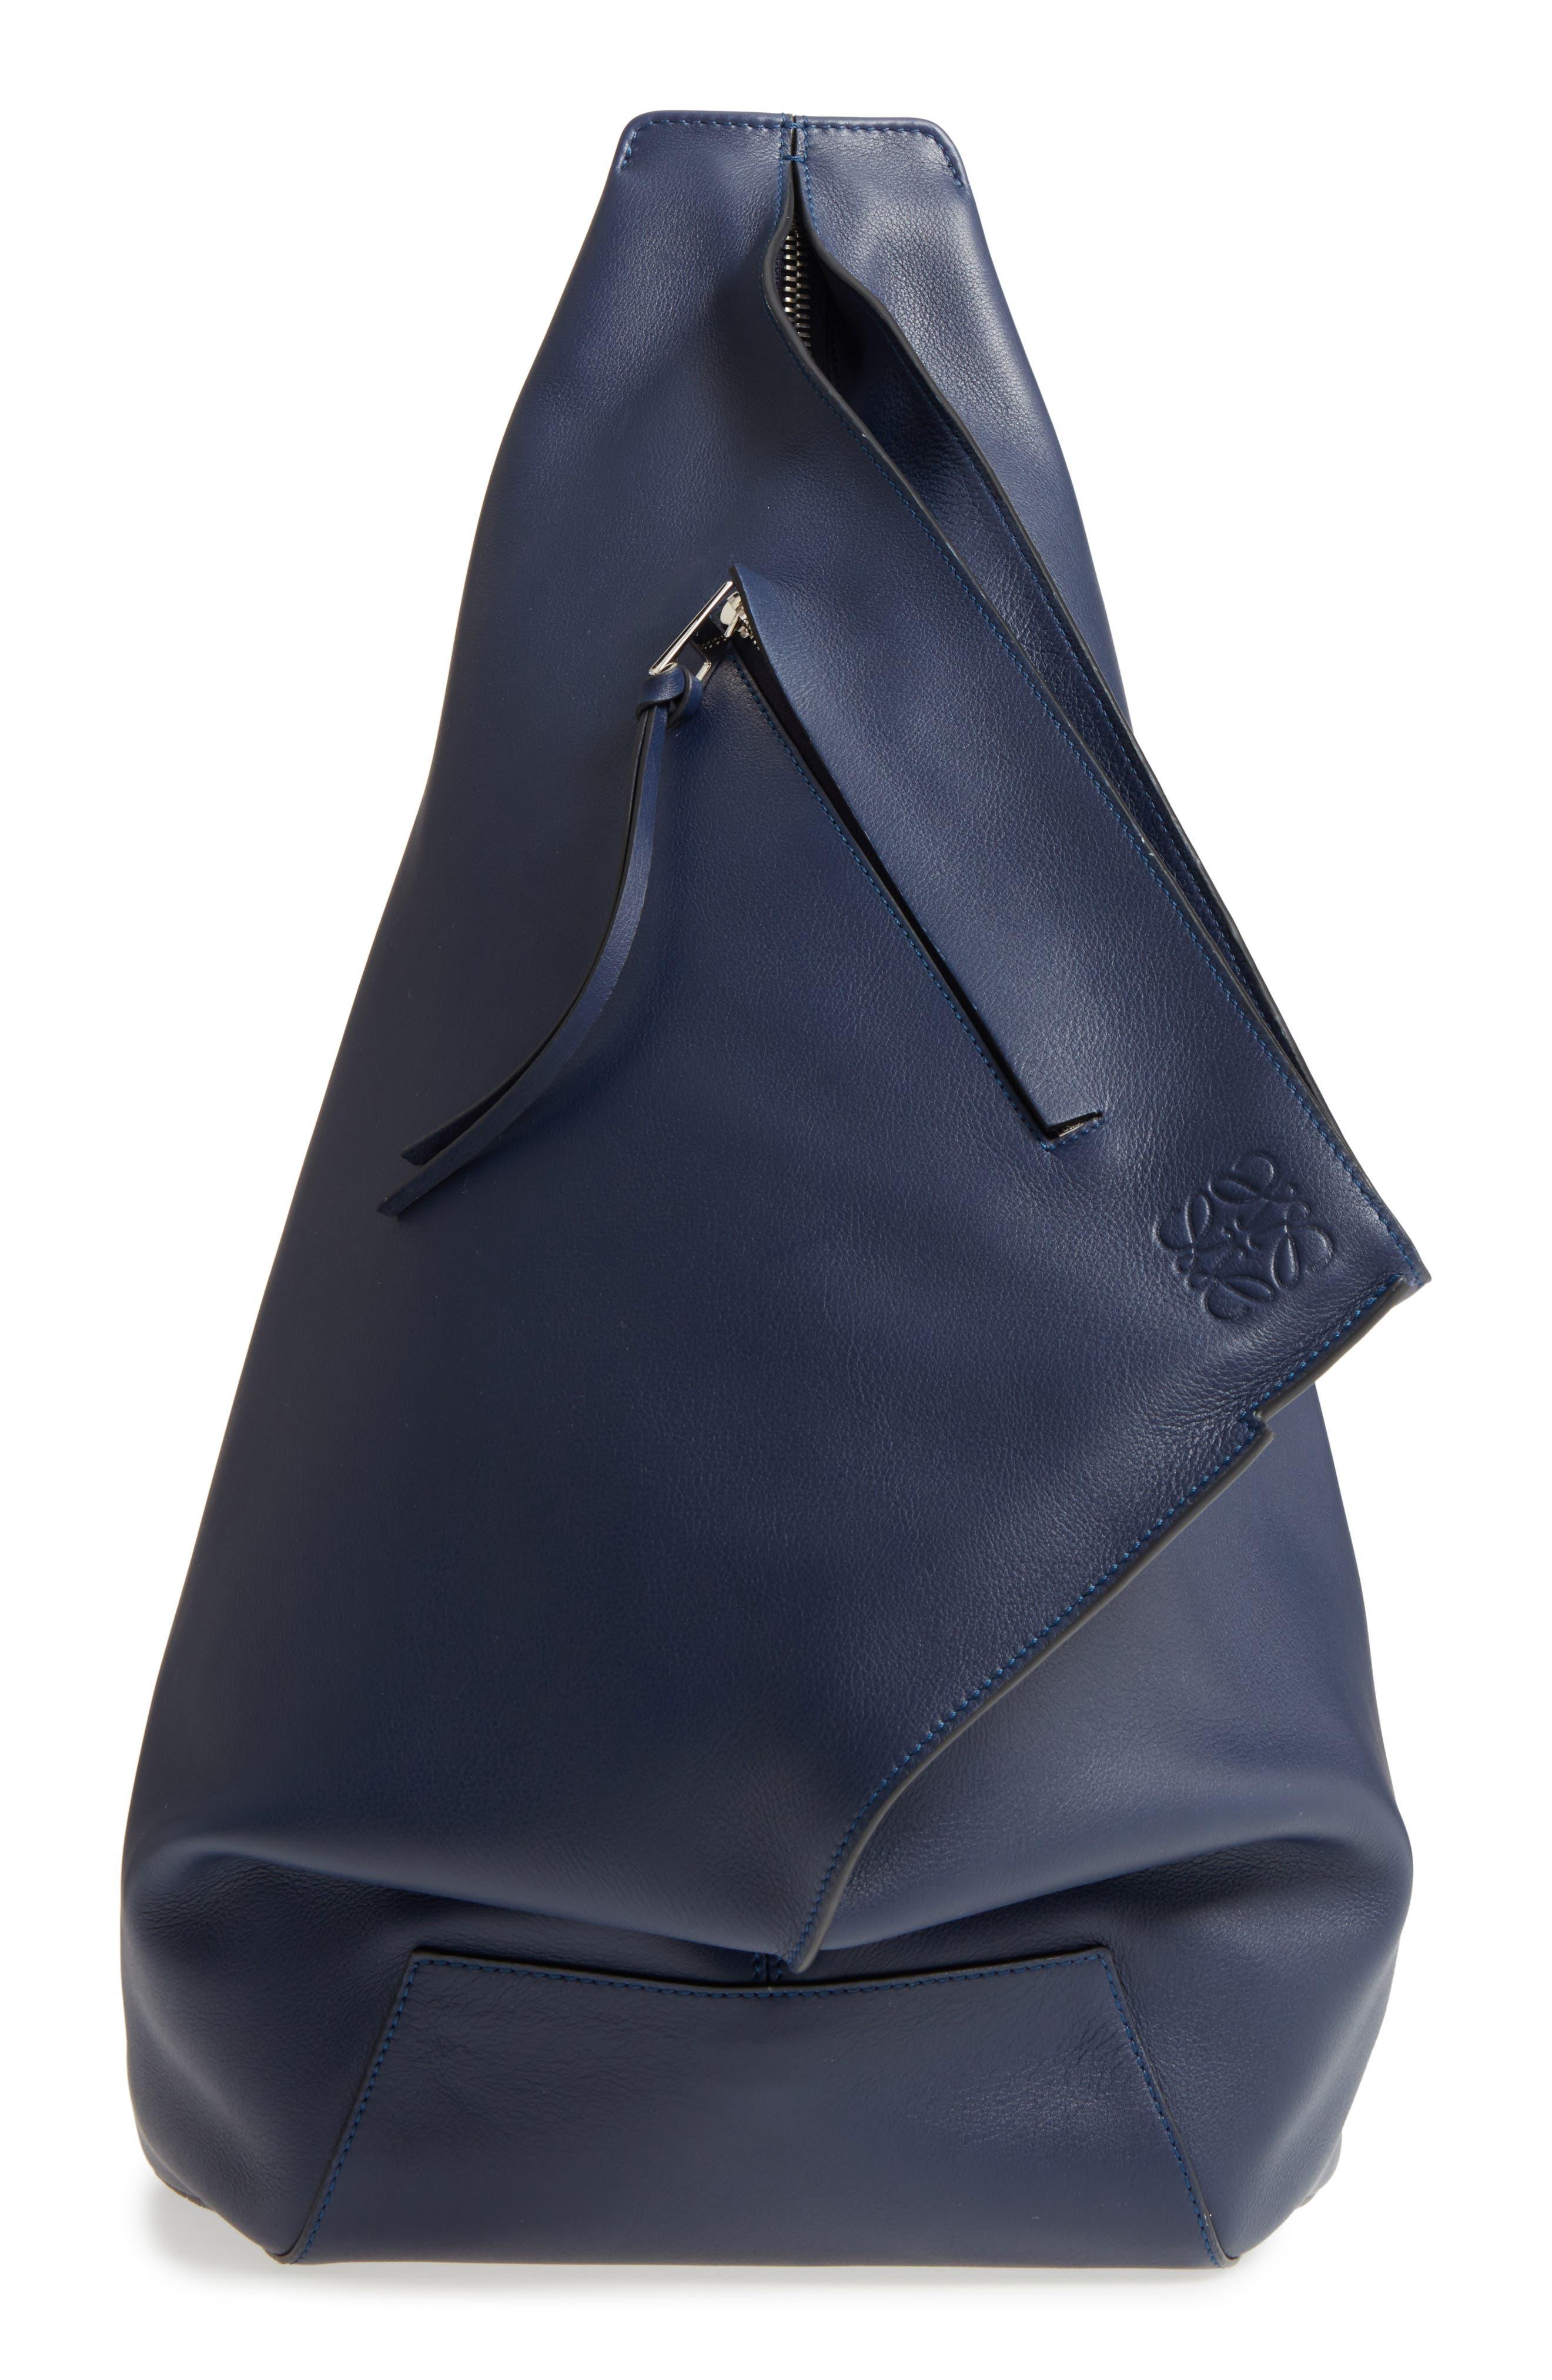 Loewe Anton Leather Sling Pack